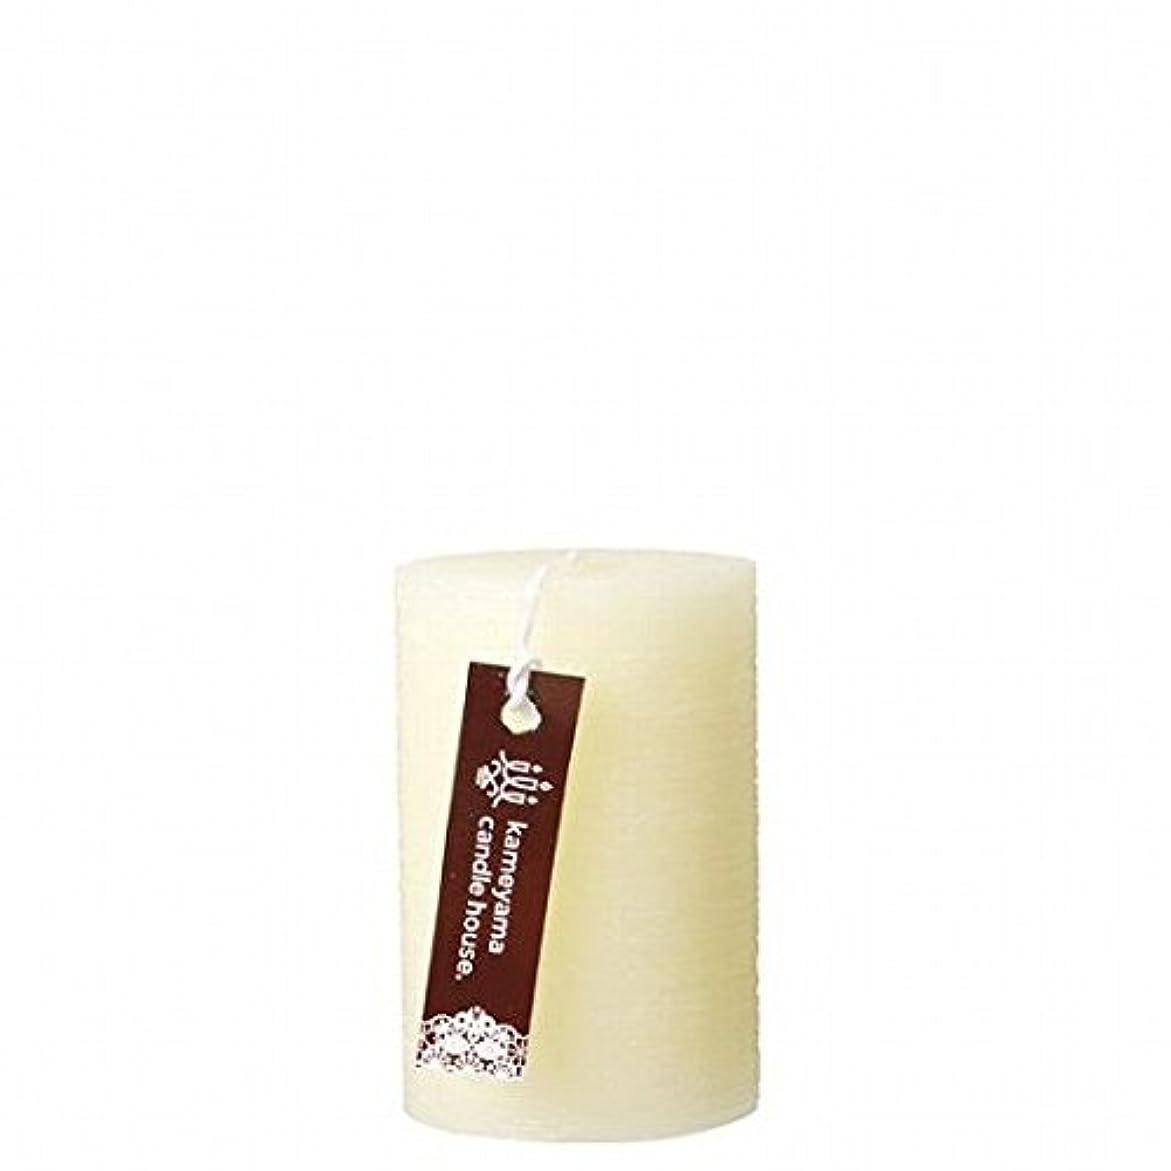 広範囲に慰めのスコアkameyama candle(カメヤマキャンドル) ブラッシュピラー2×3 「 アイボリー 」(A8310000IV)